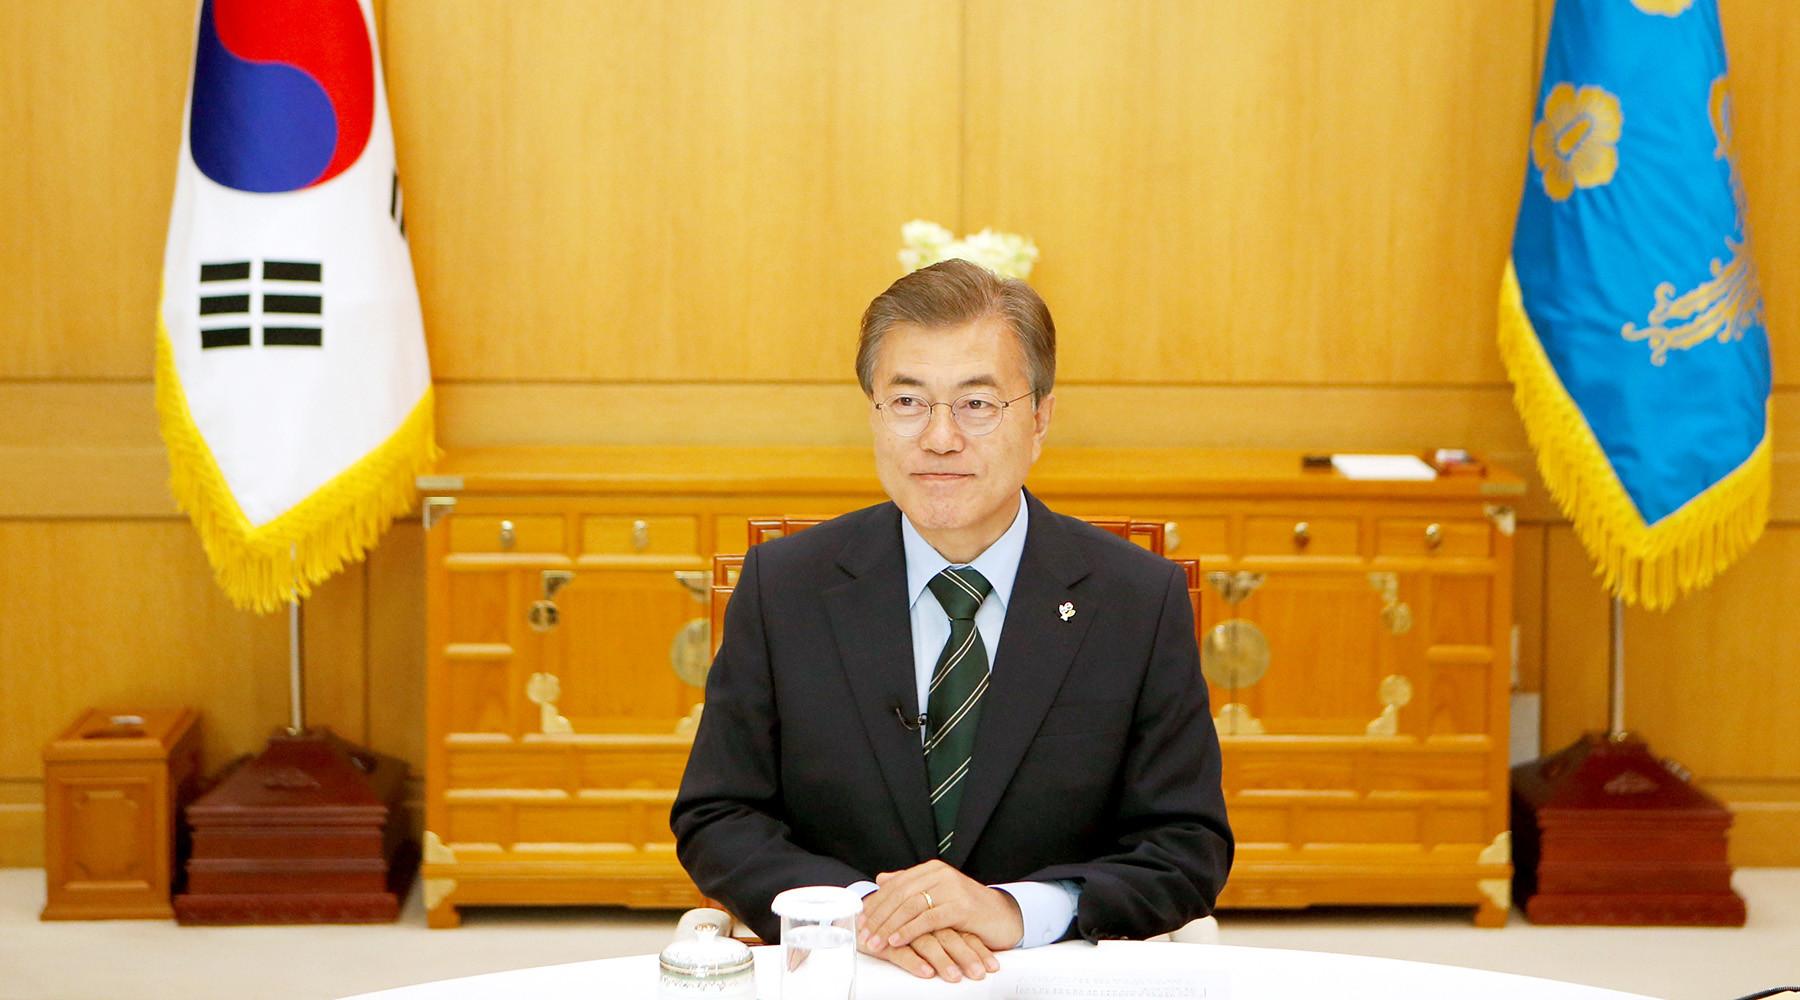 Южная Корея требует от Японии извинений за сексуальную эксплуатацию кореянок